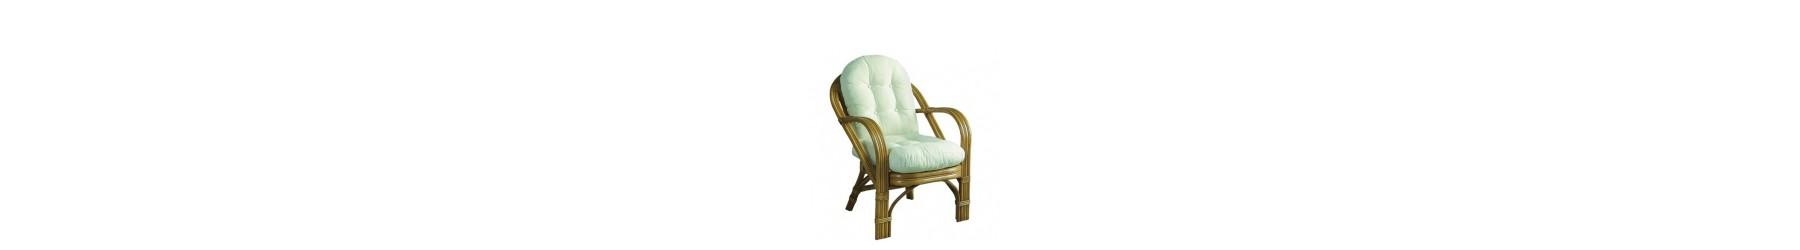 Μαξιλάρια βαμβακερά για πολυθρόνες και καναπέδες από Bamboo.